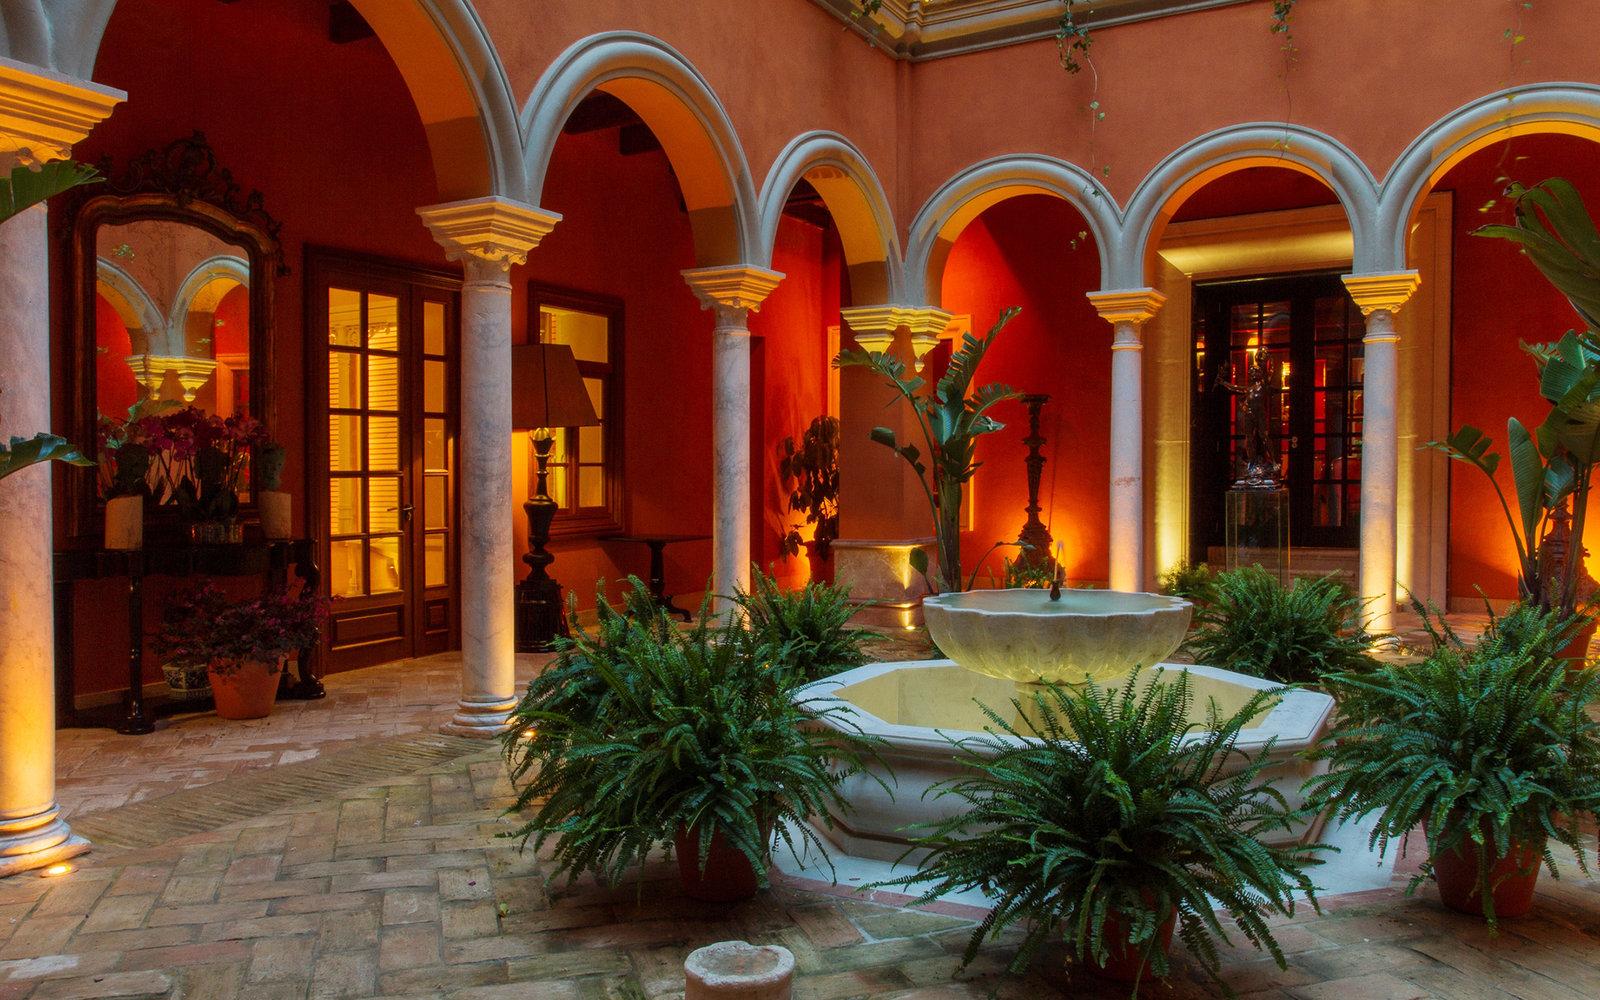 Casa del Poeta Seville,hotels in Spain